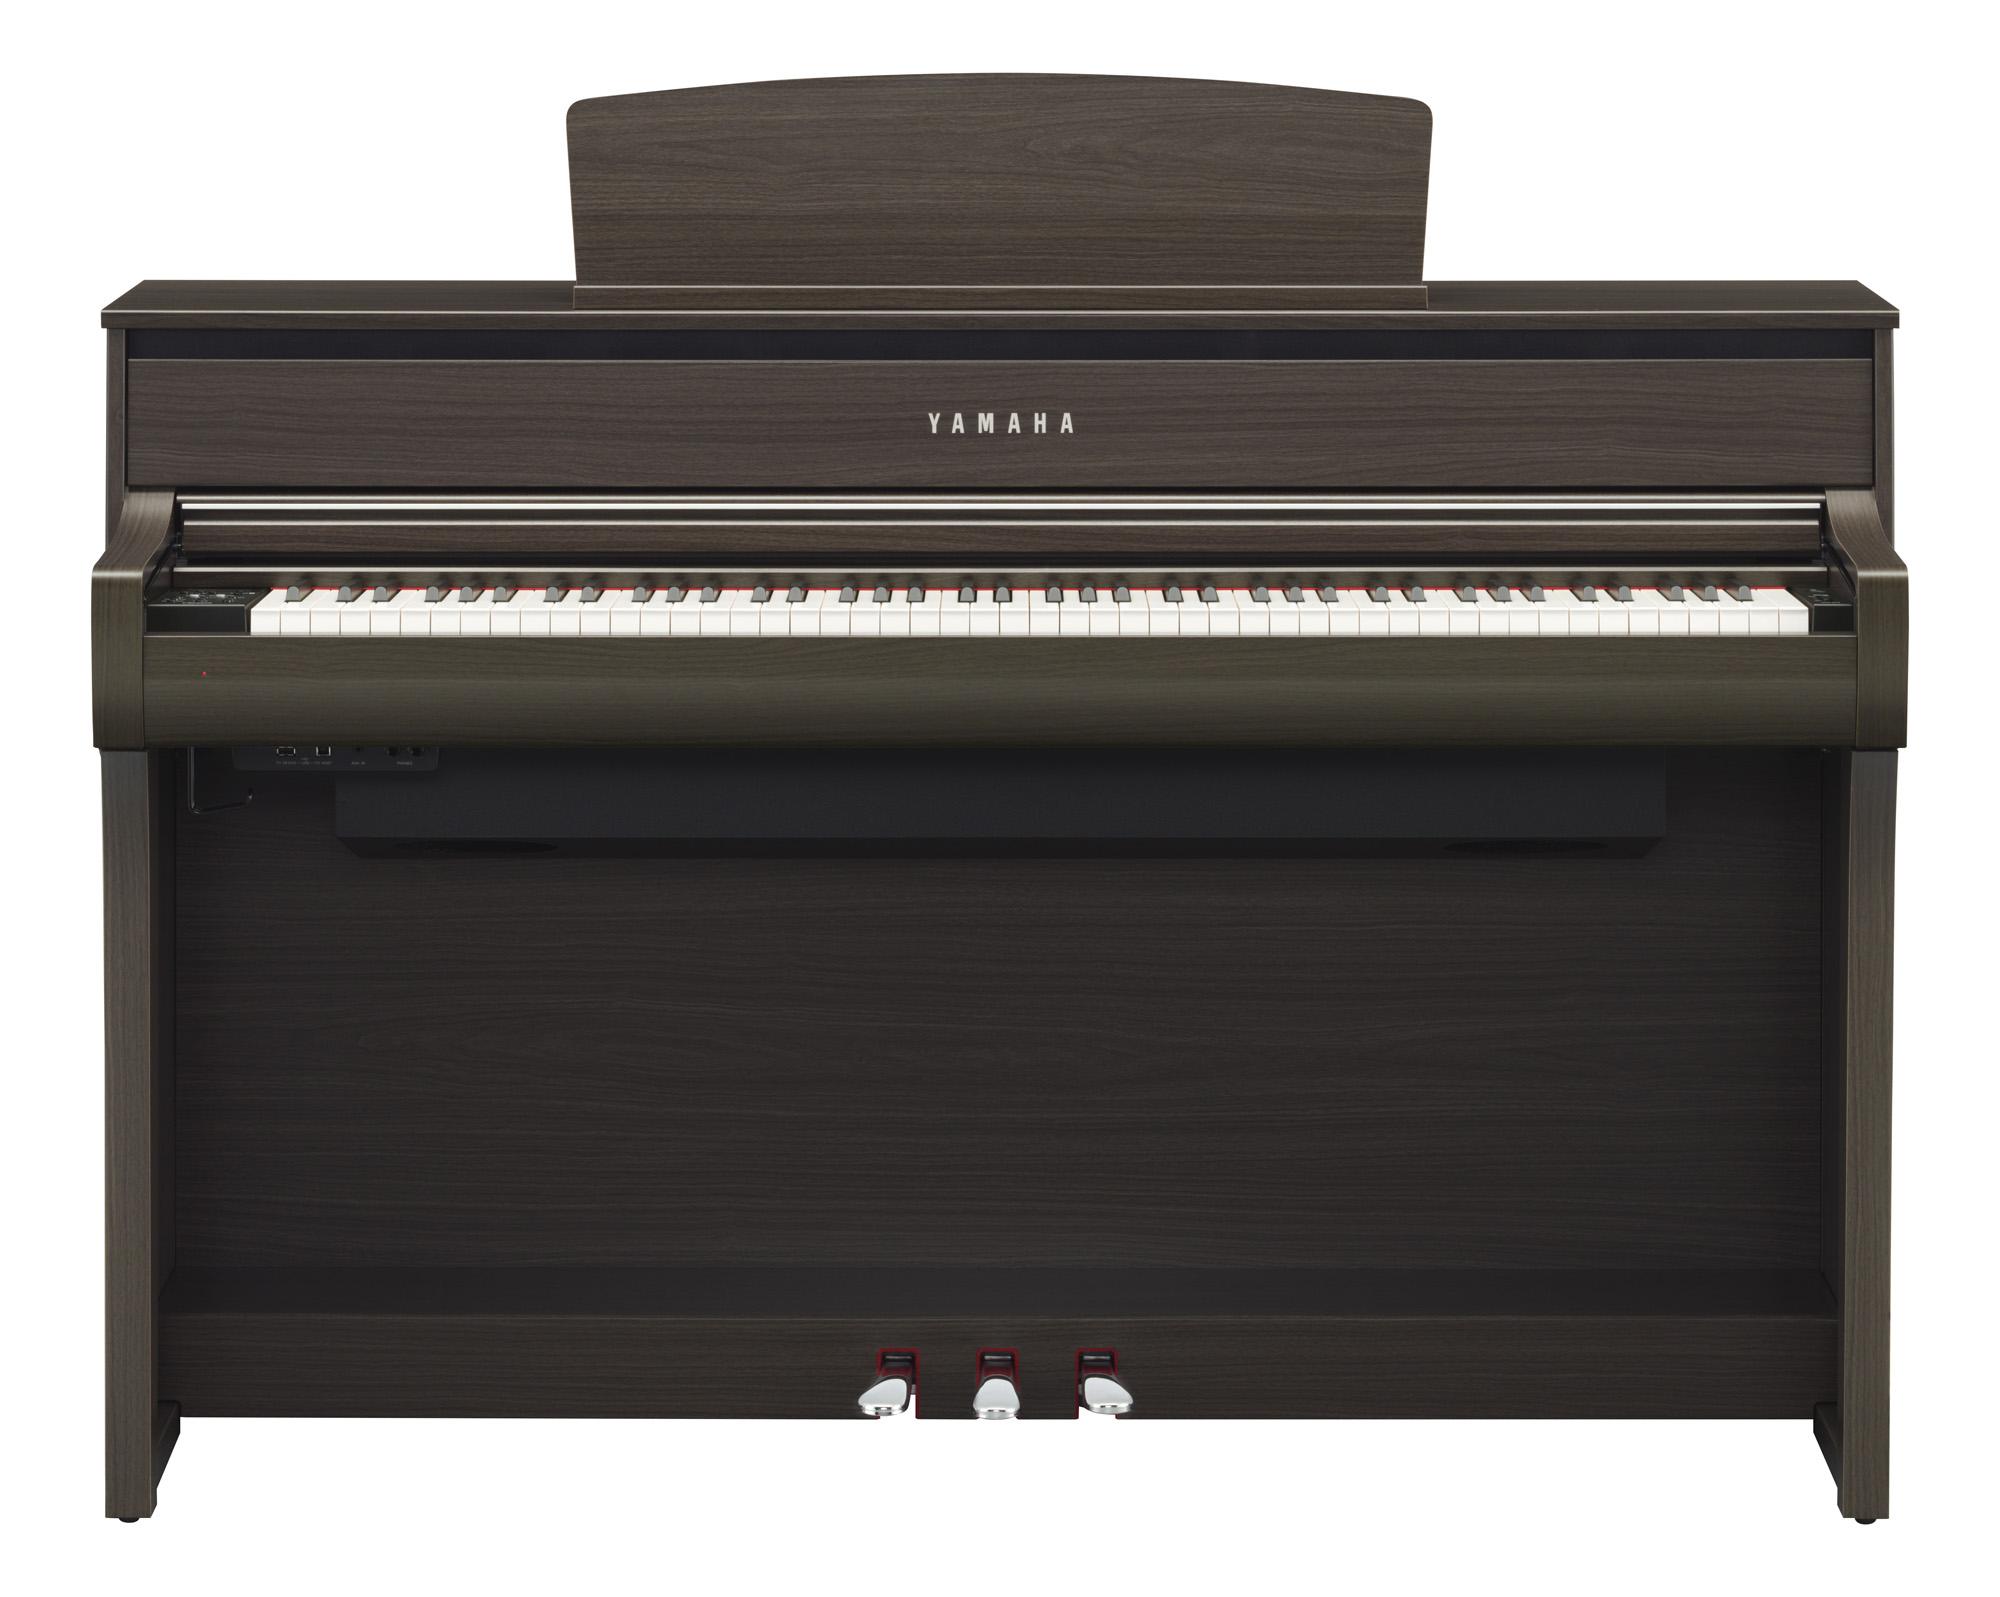 Yamaha clp 675 clavinova digital piano in dark walnut for Yamaha clp 675